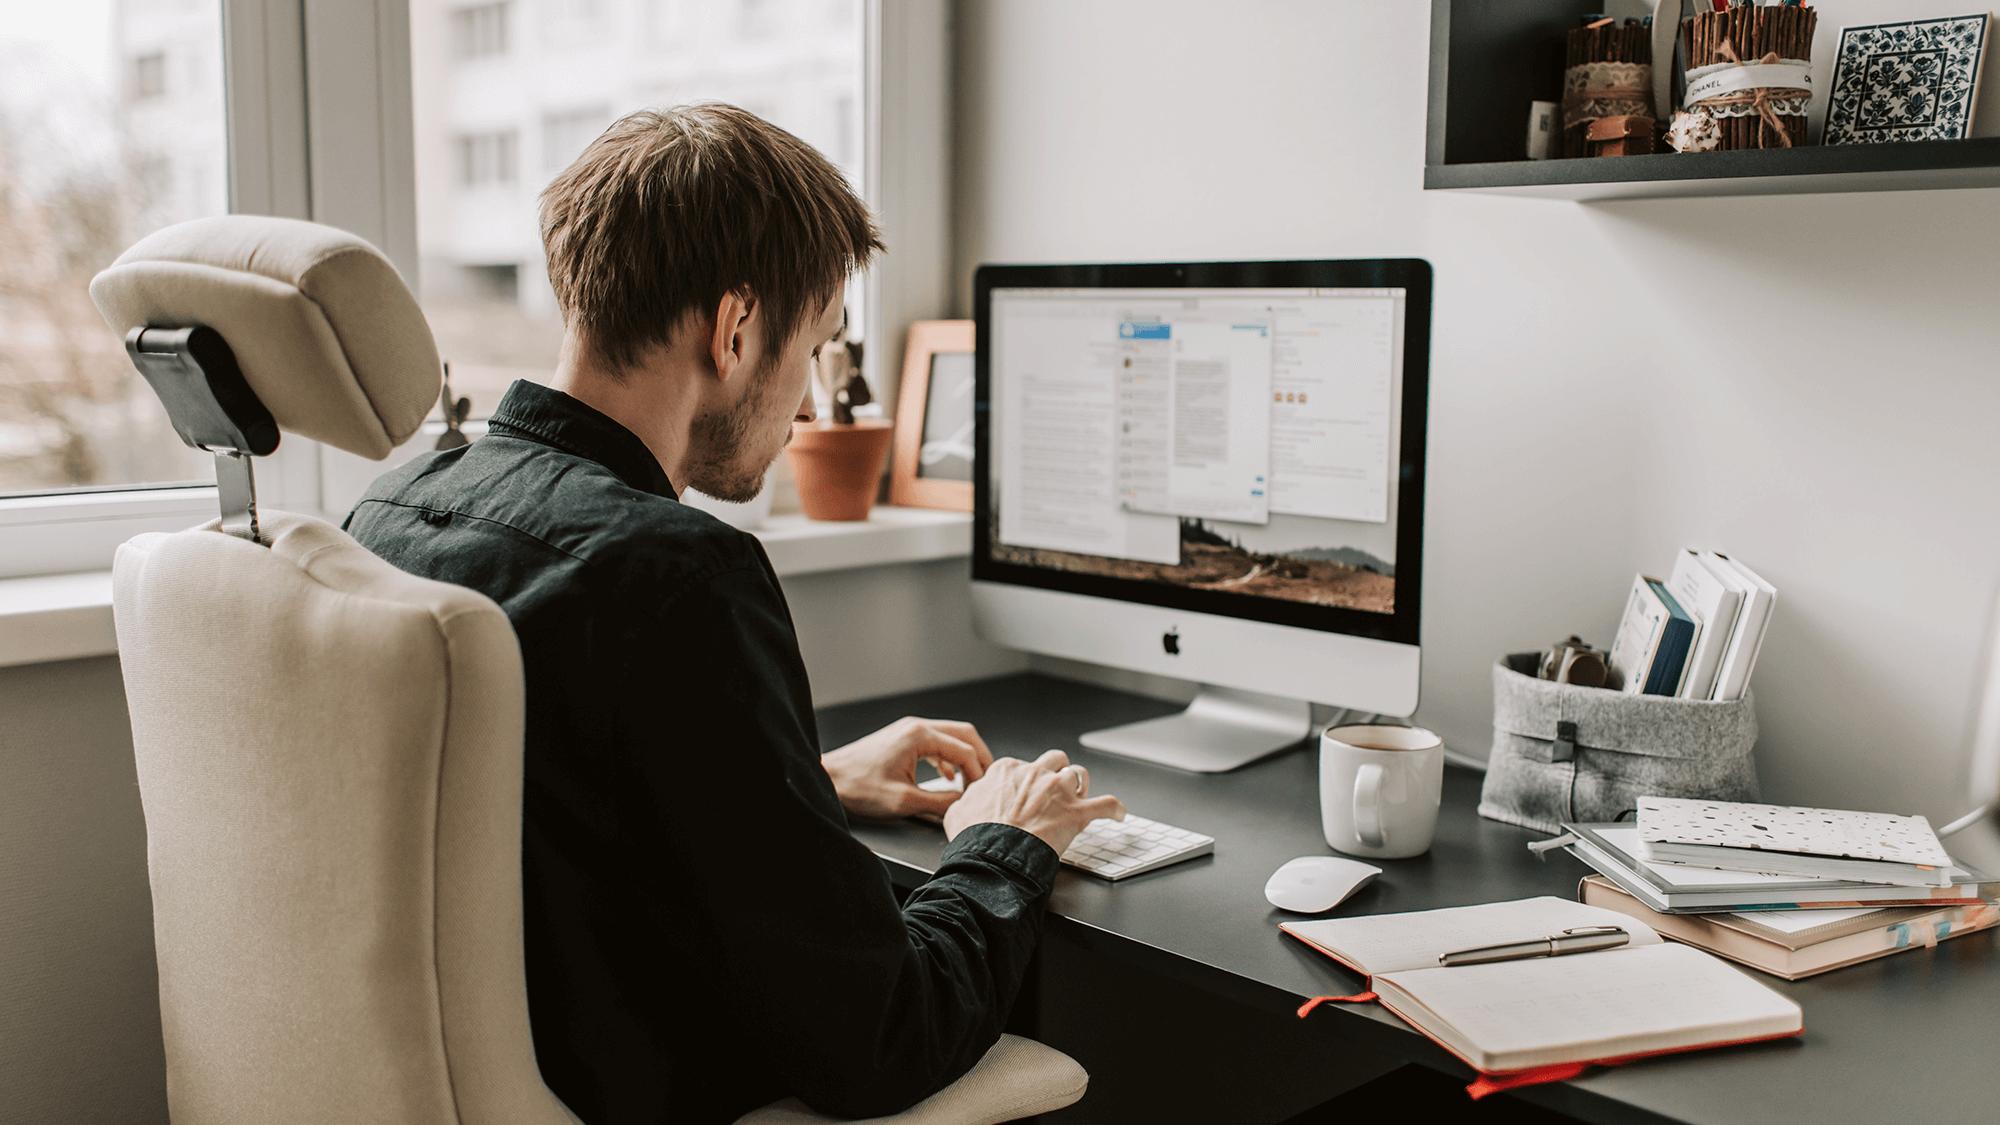 Cibersegurança no Home Office